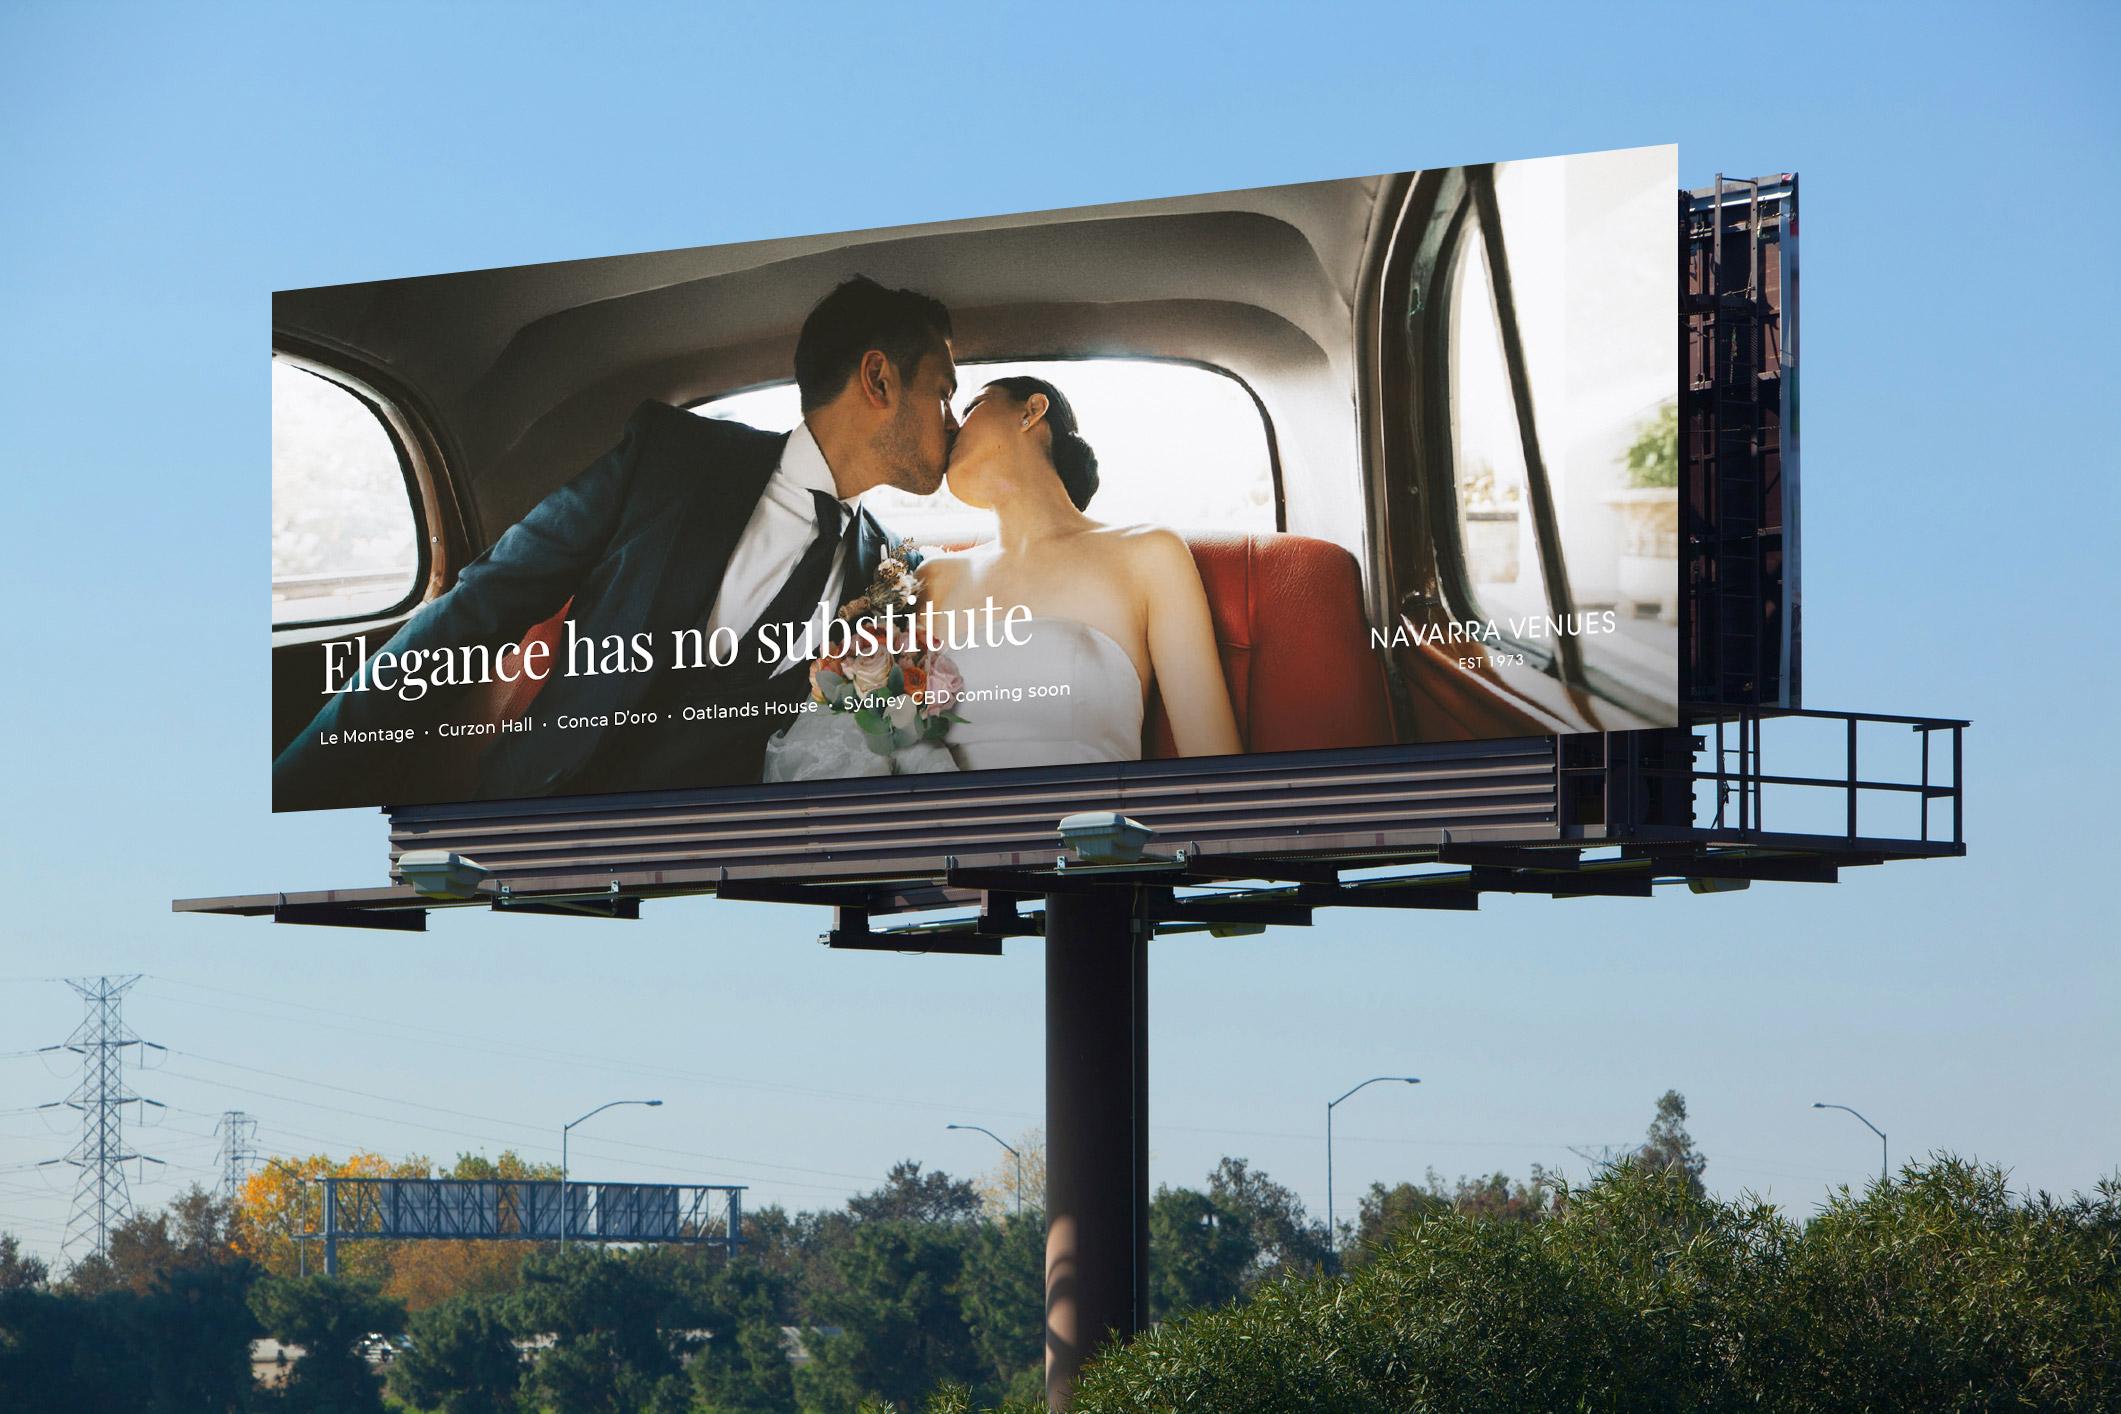 navarra-venues-M5-billboard.jpg